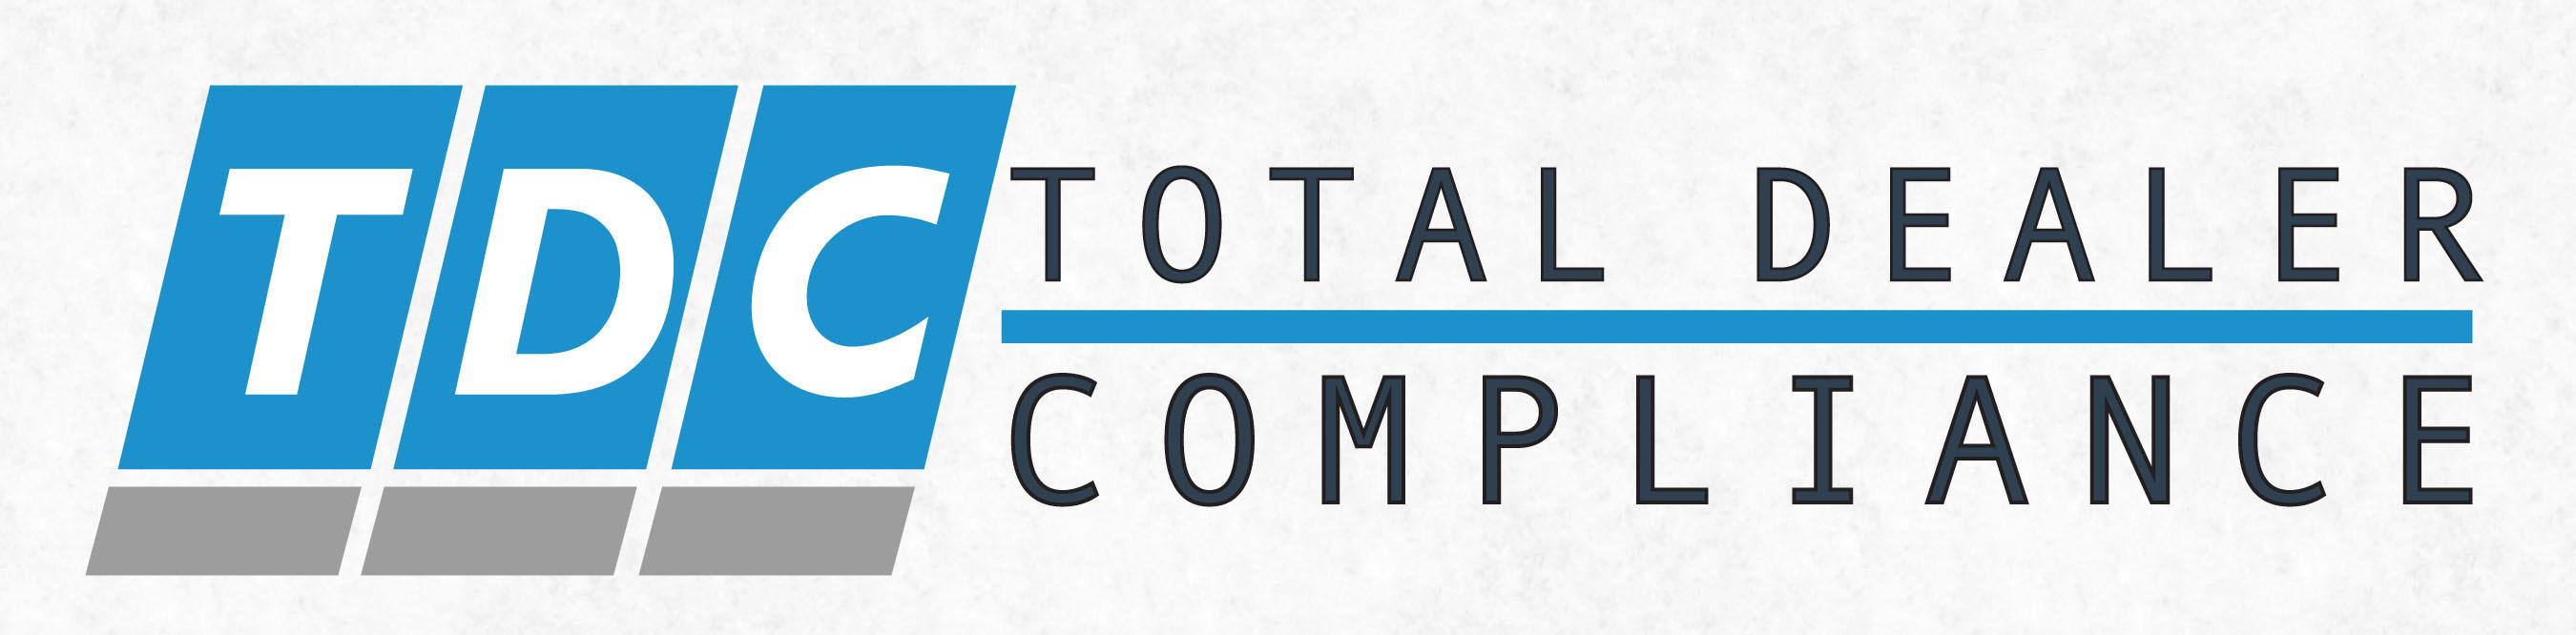 Total Dealer Compliance logo